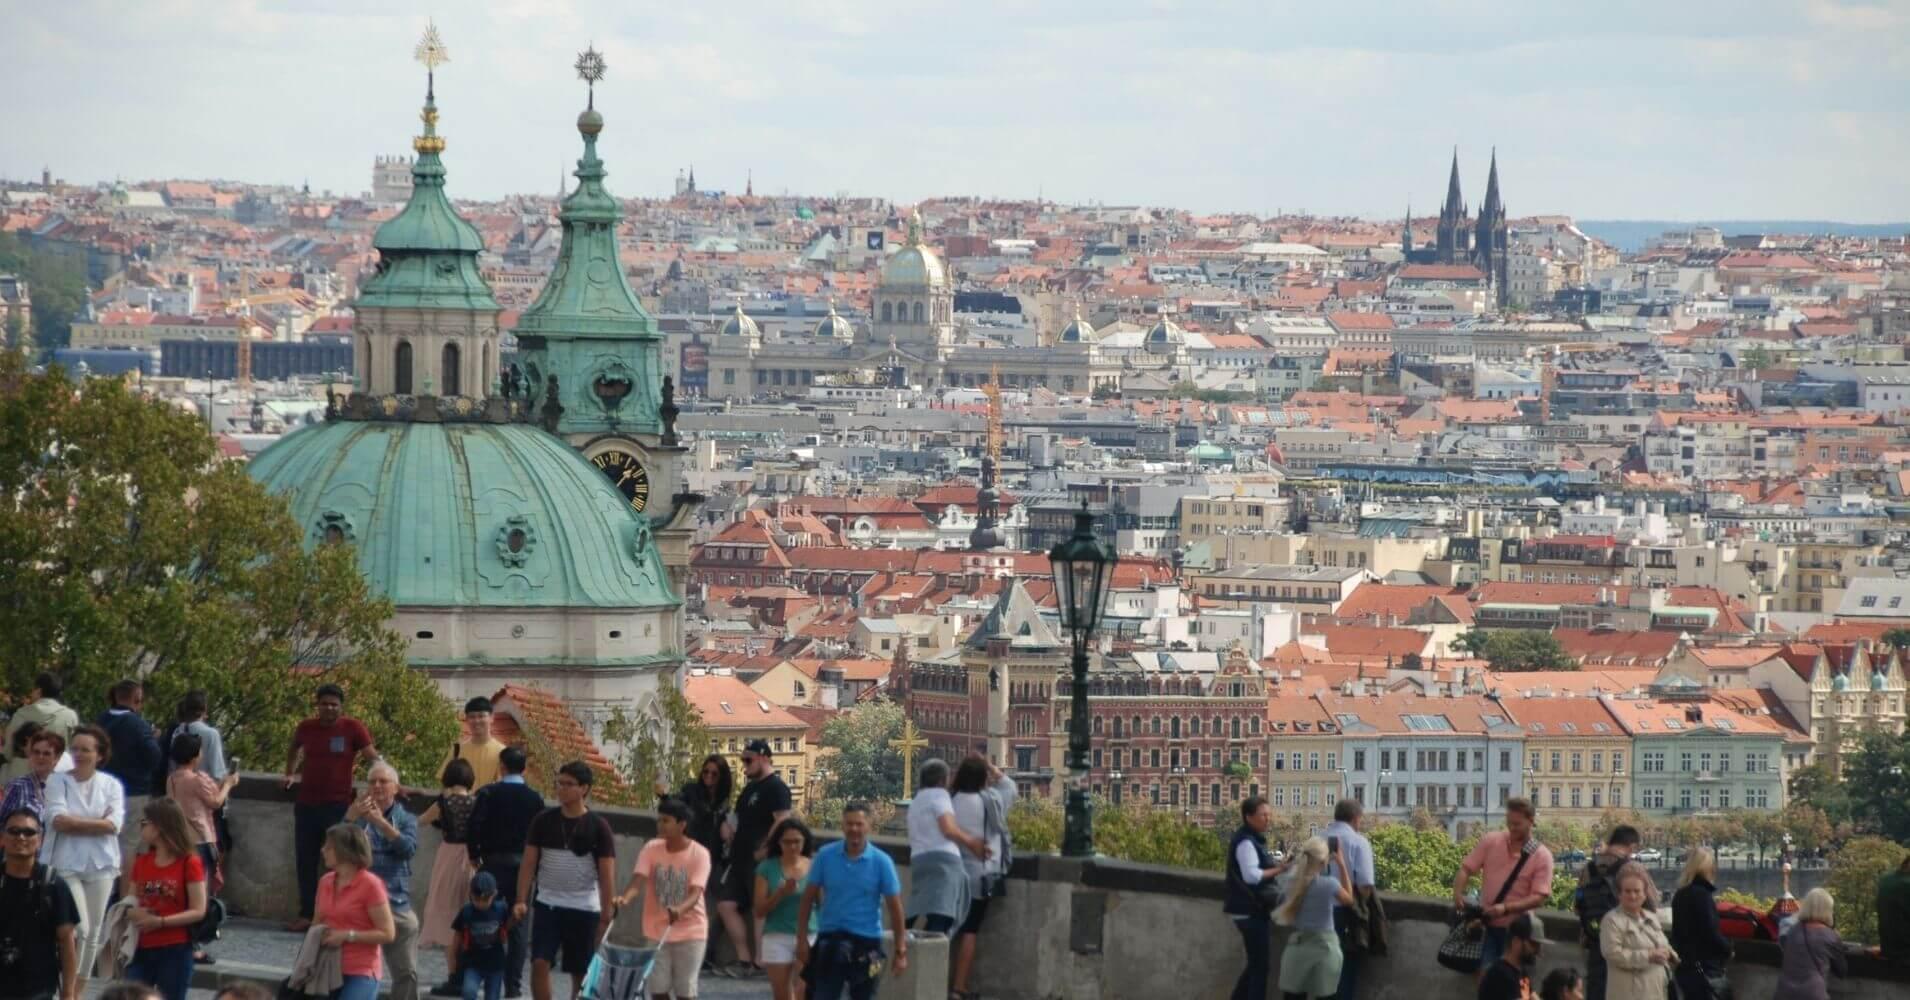 Ciudad de Praga, Chequia.